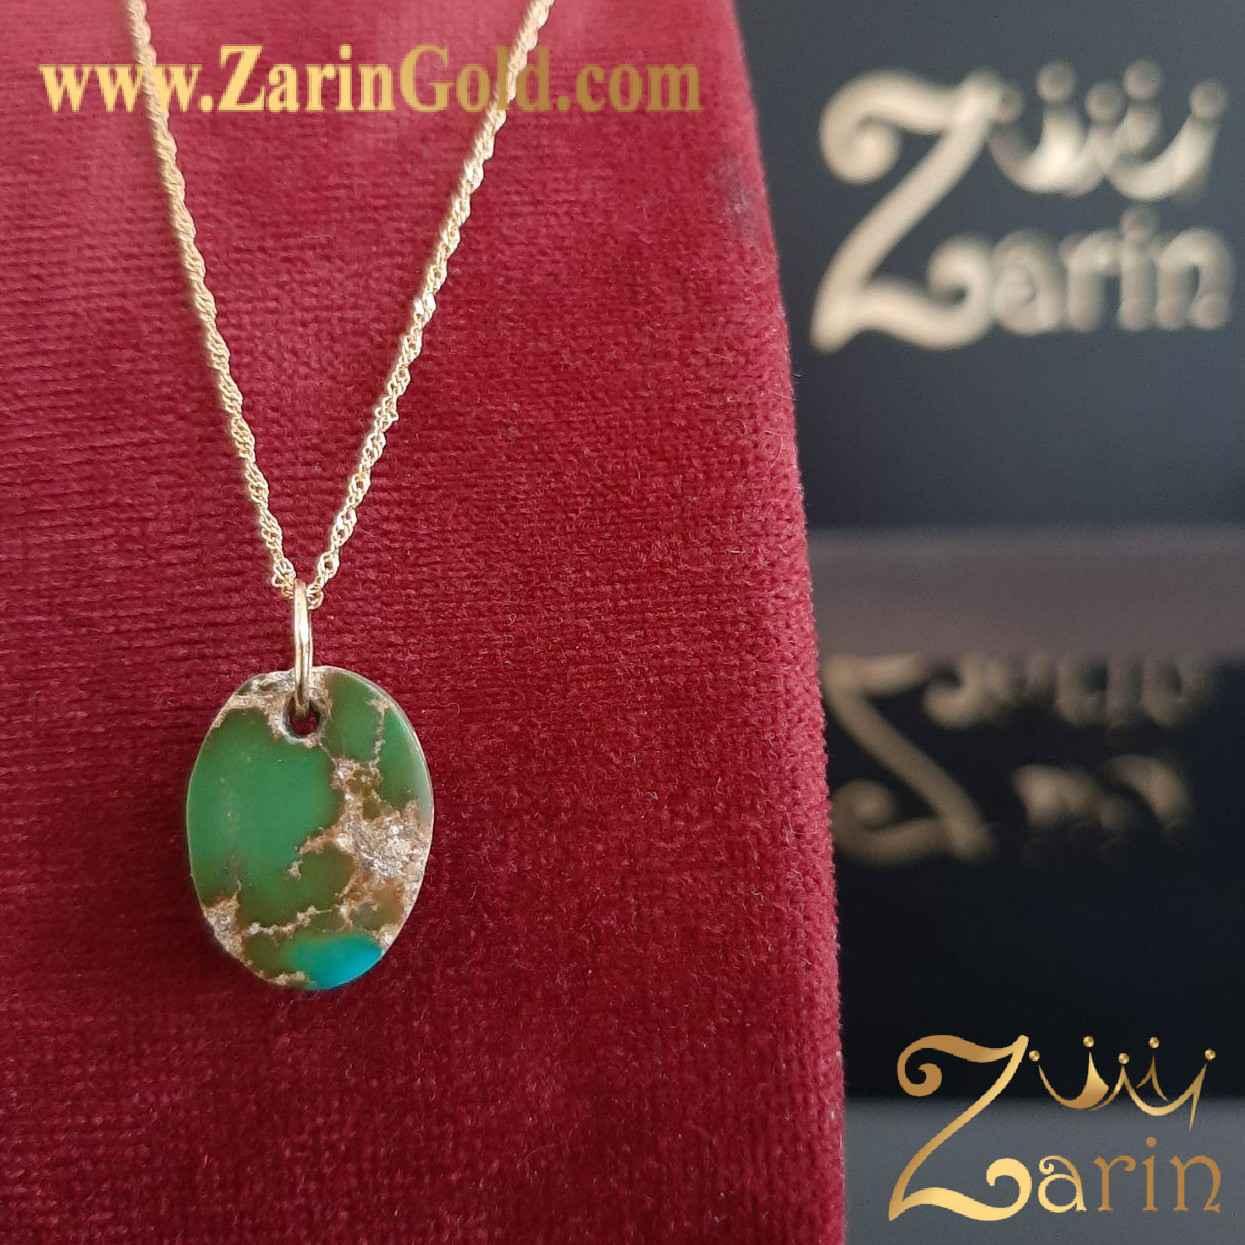 سنگ فیروزه اصل نیشابور با حلقه چه طلا